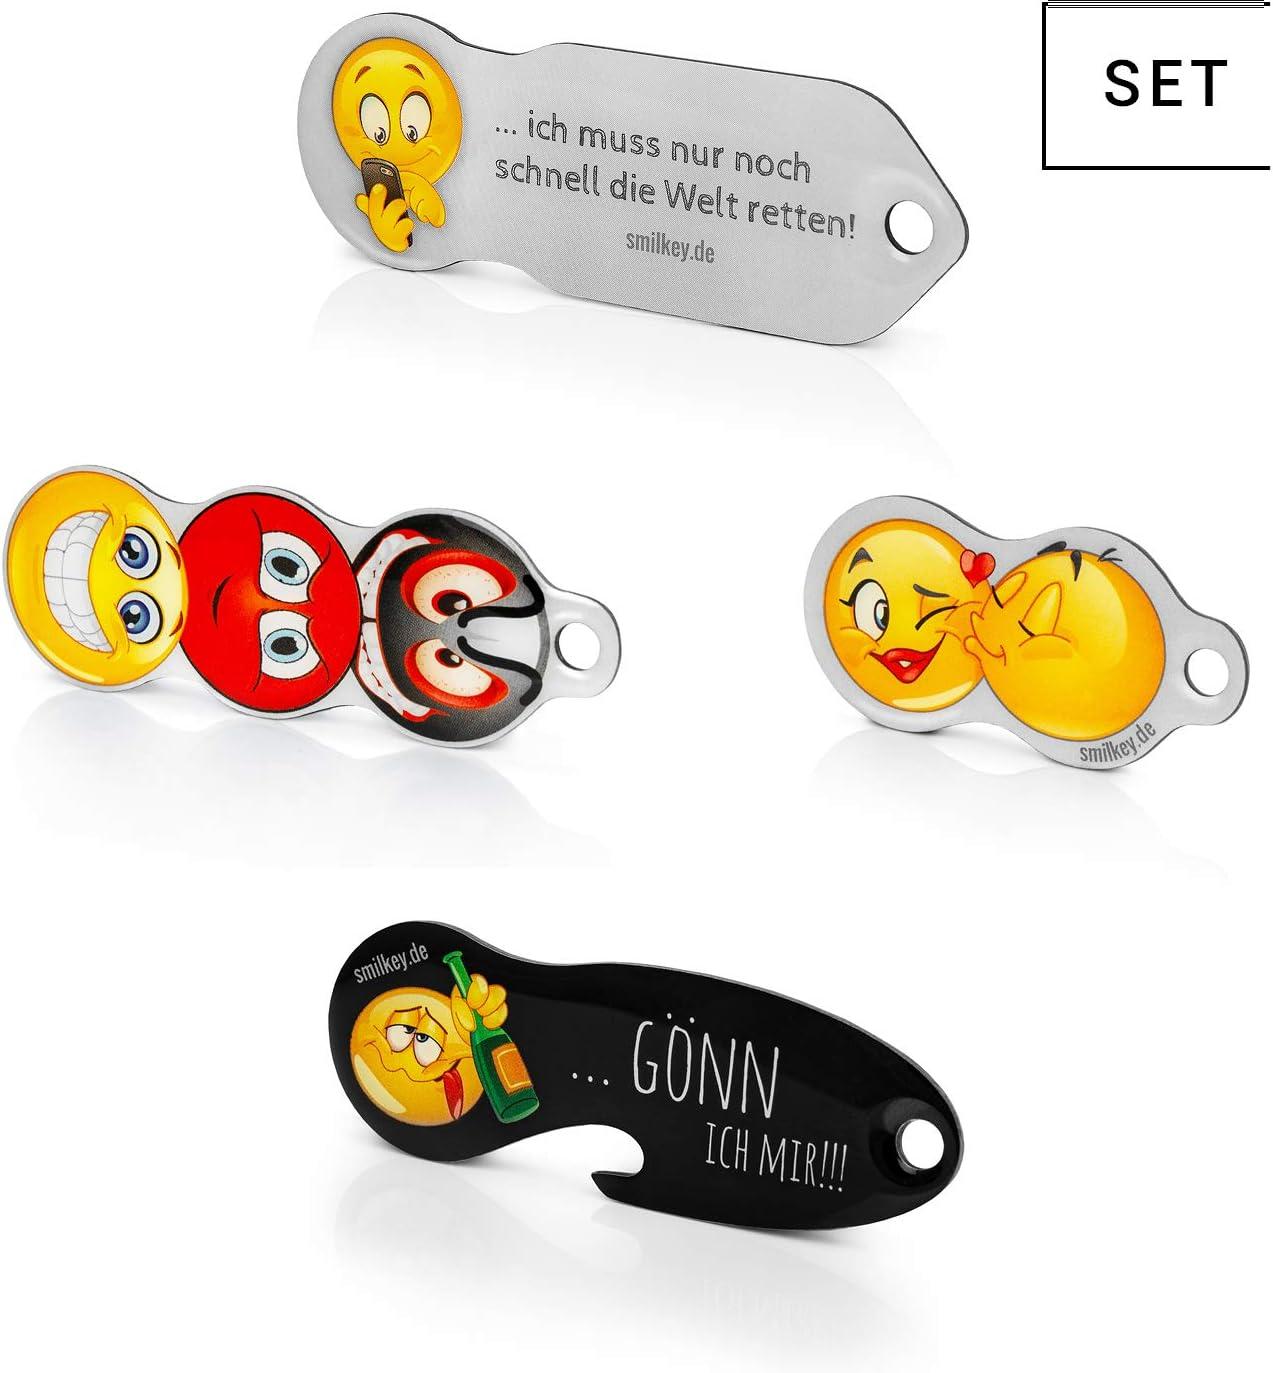 Einkaufswagenlöser 4erSet Smilkey neu-mit Einkaufschip u Schlüsselfinder